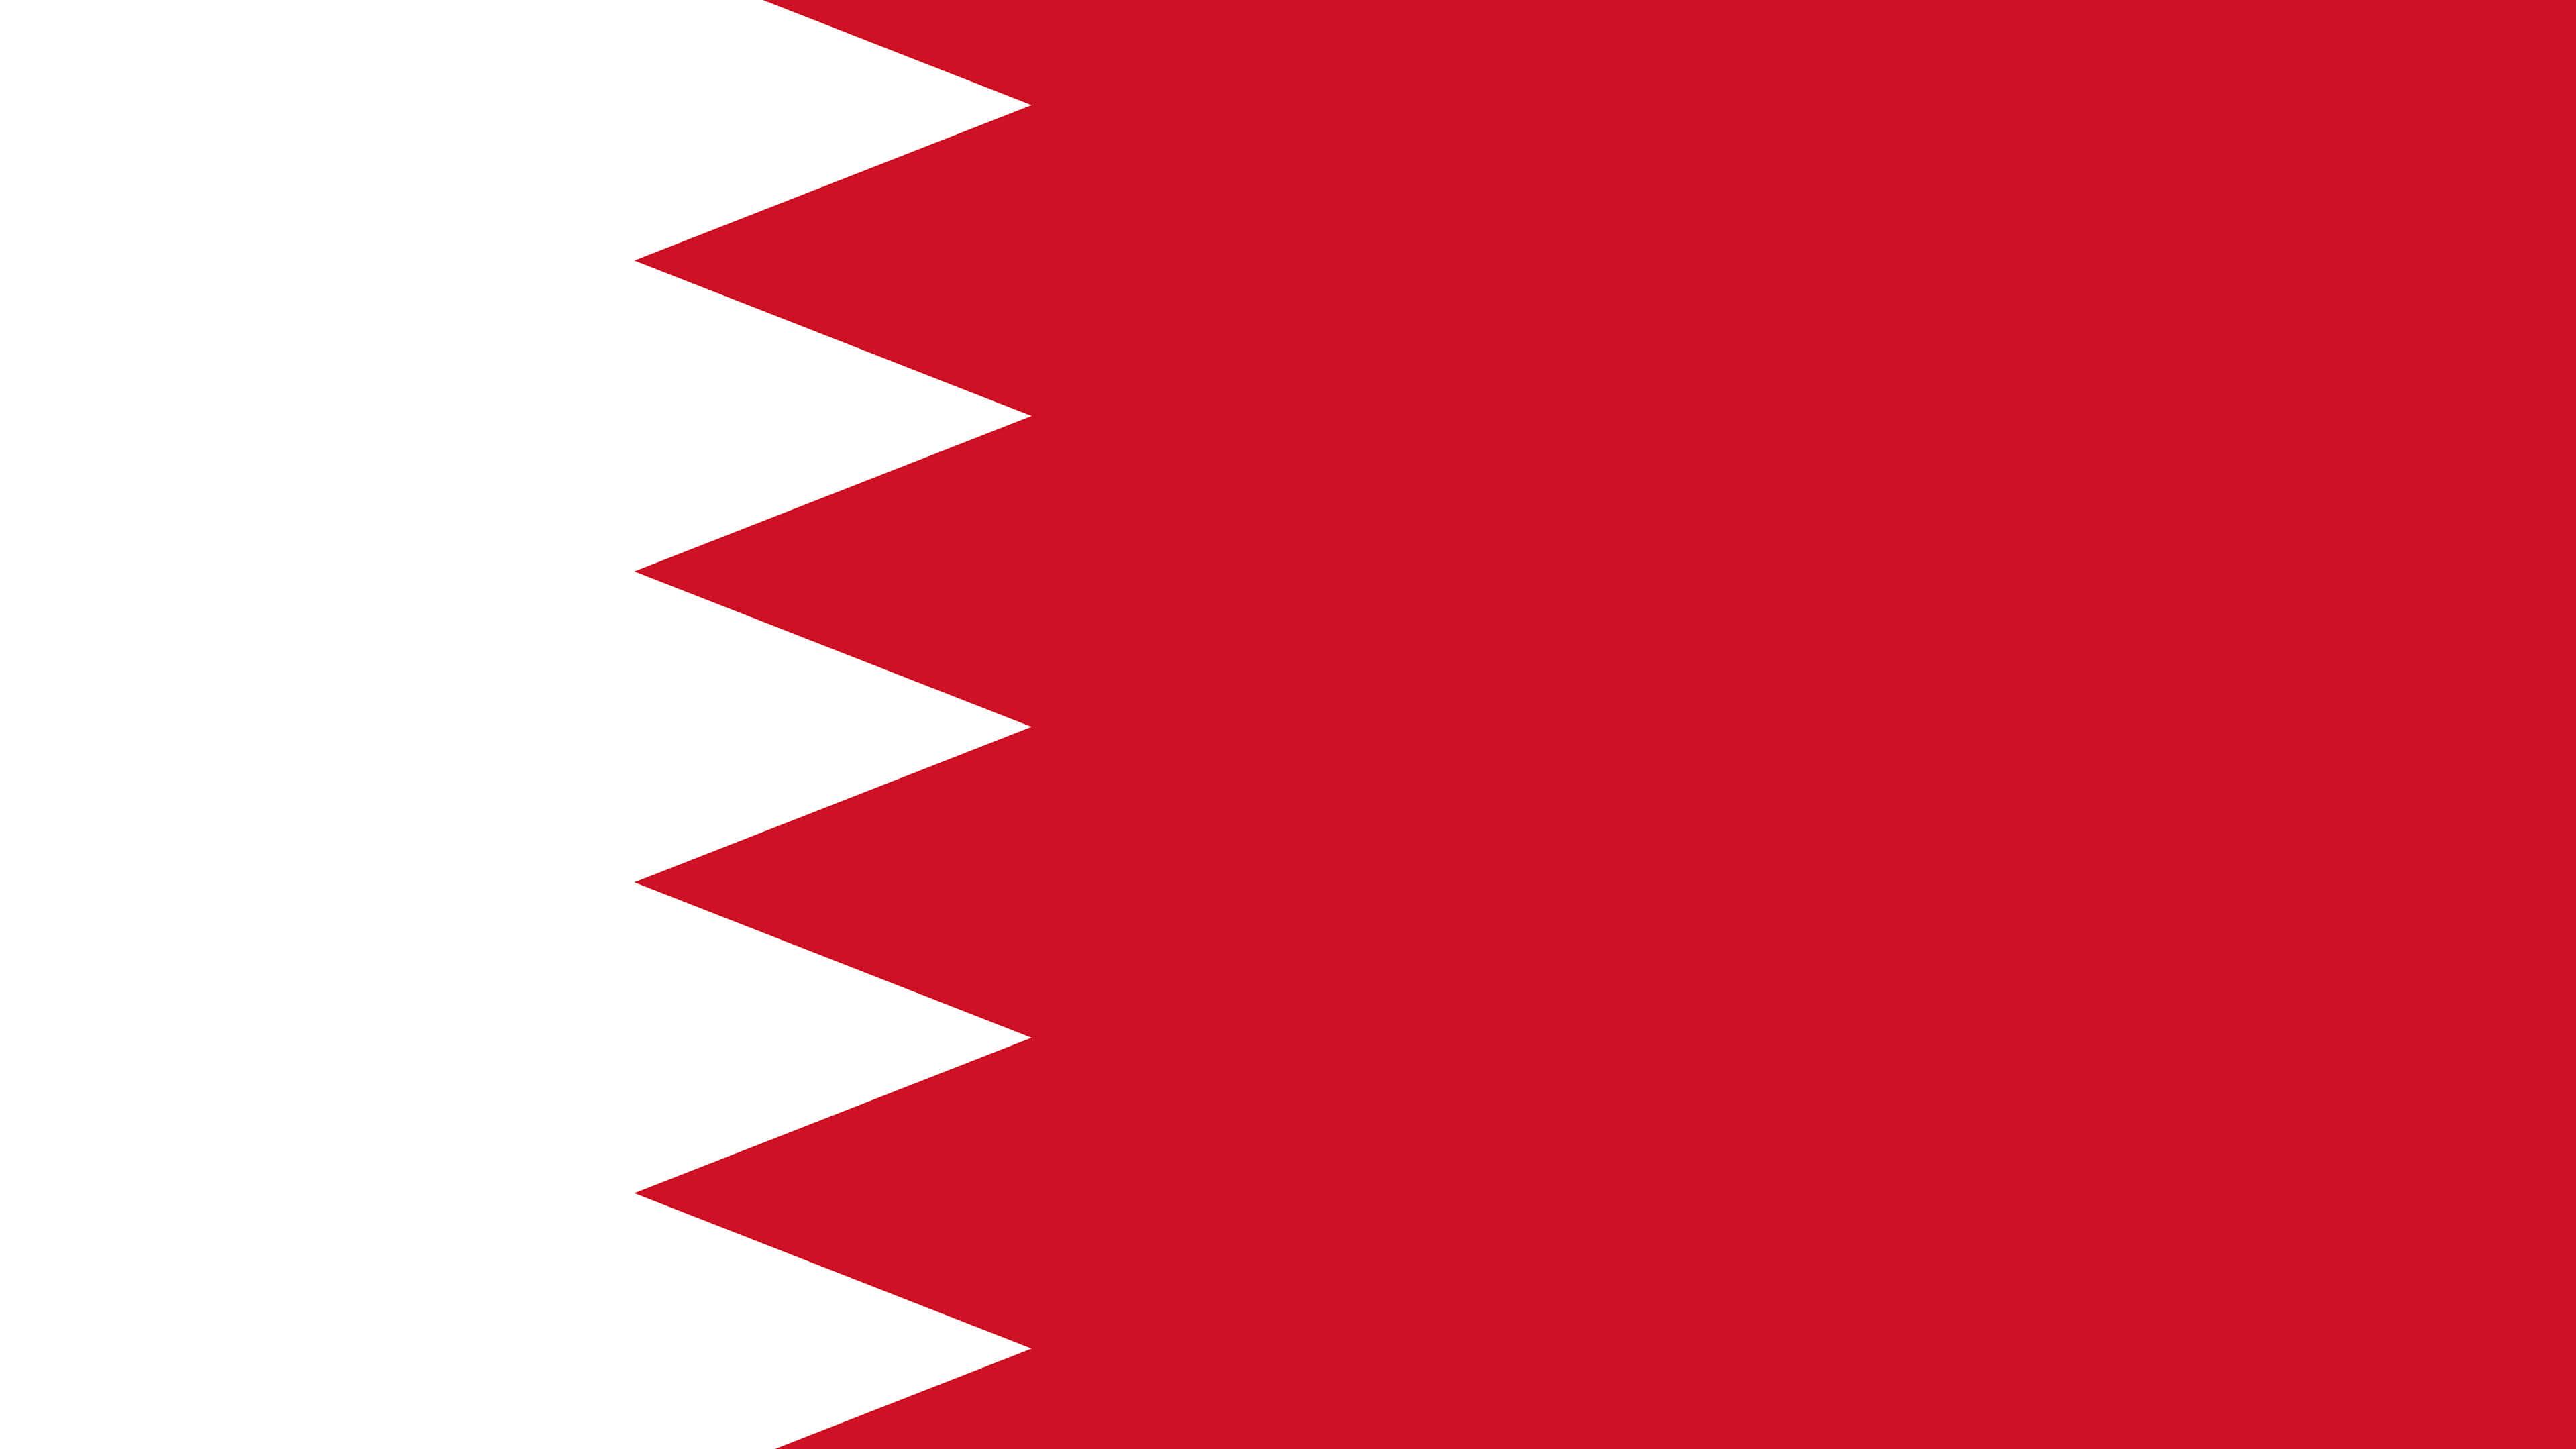 bahrain flag uhd 4k wallpaper